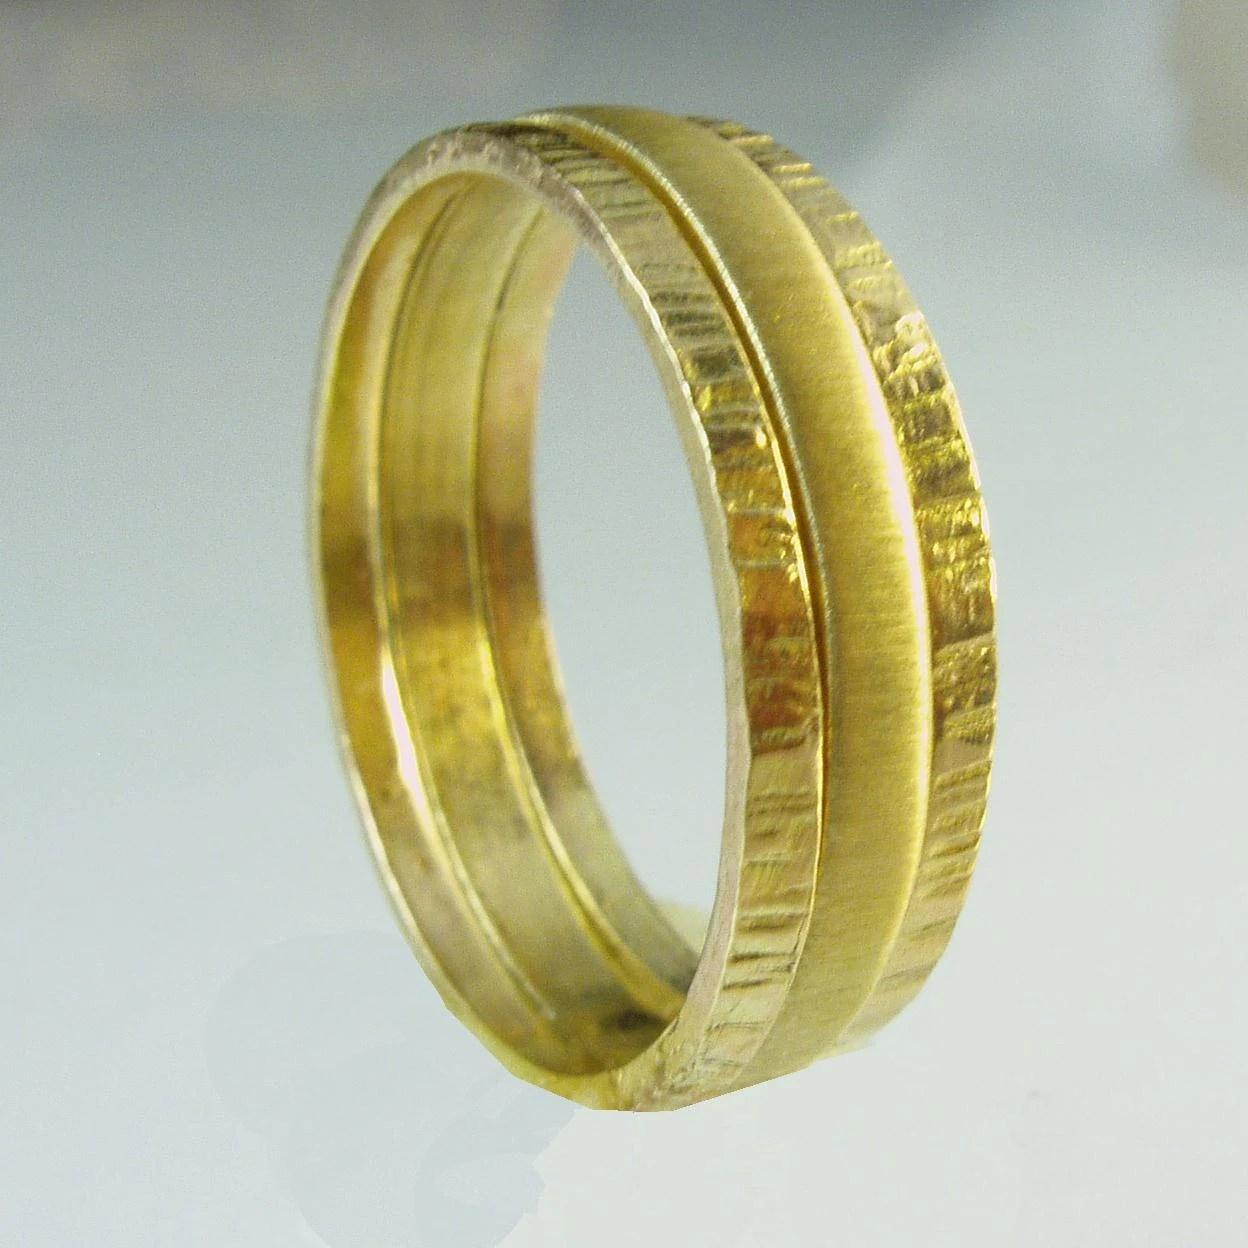 Frau Ehering 14 Karat Ring gold Recycling Ehering Ring